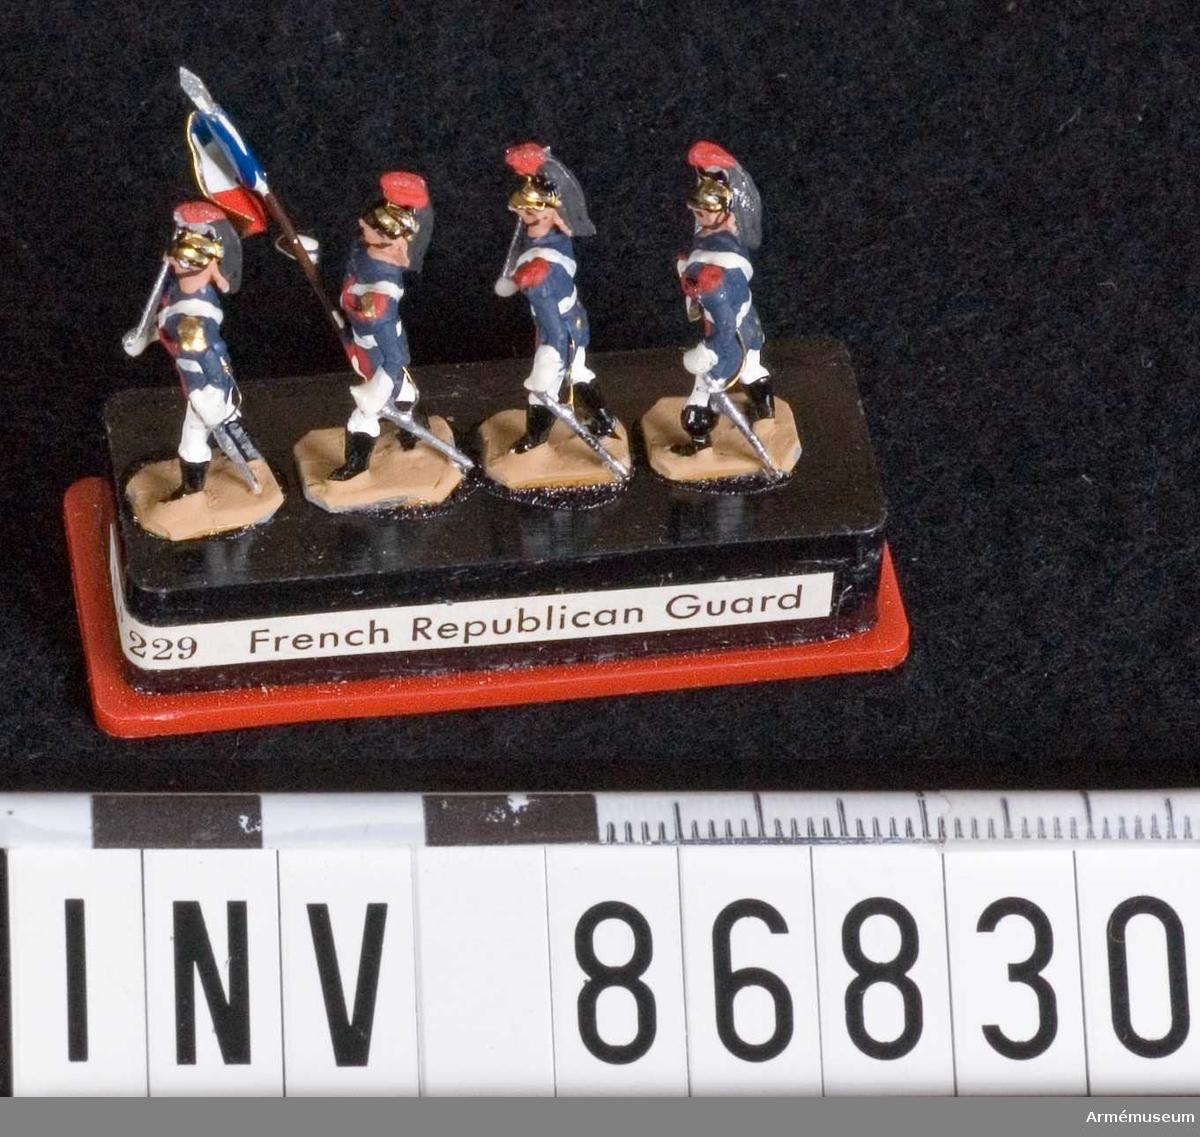 Grupp M V. Föreställer fyra soldater (varav en fanförare), sannolikt ur franska Republikanska gardet. Samtliga på platta och i plastfodral.